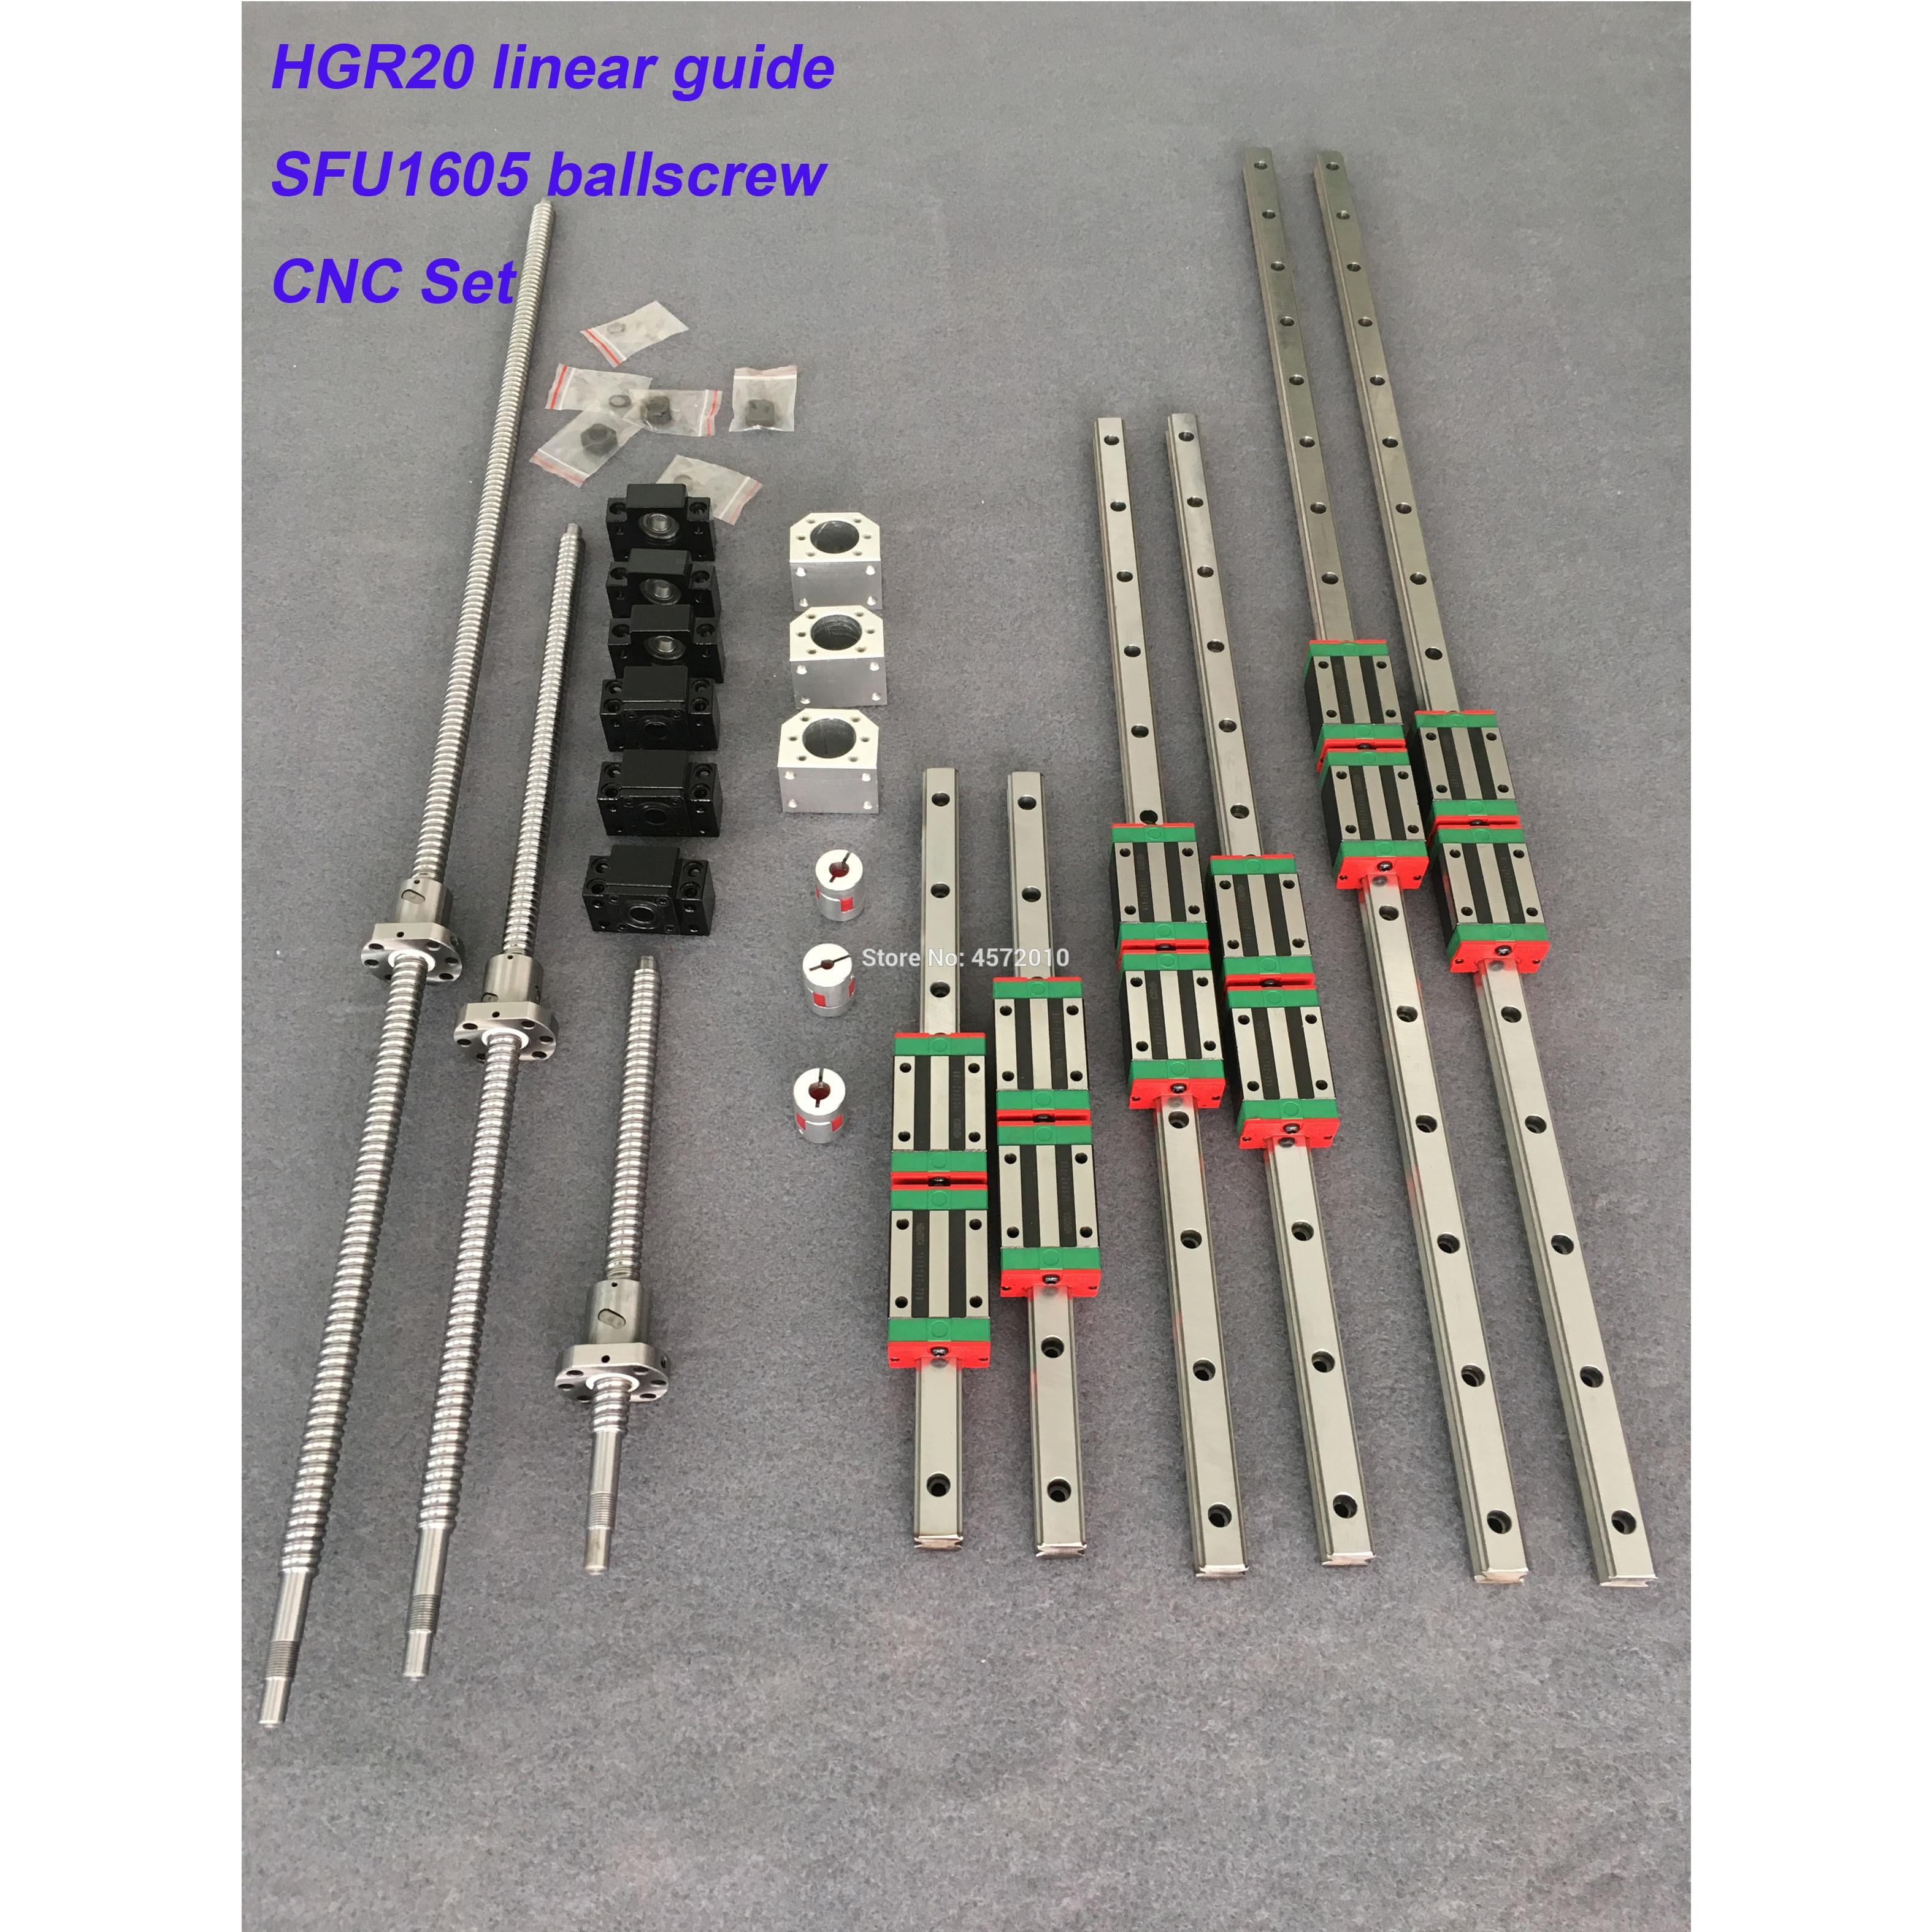 HGR20 jeu de CNC guide linéaire carré 12 pièces HGH20CA + SFU605/1610 1605 vis à billes + BK BF12 couplage de boîtier pour kit moteur de broche